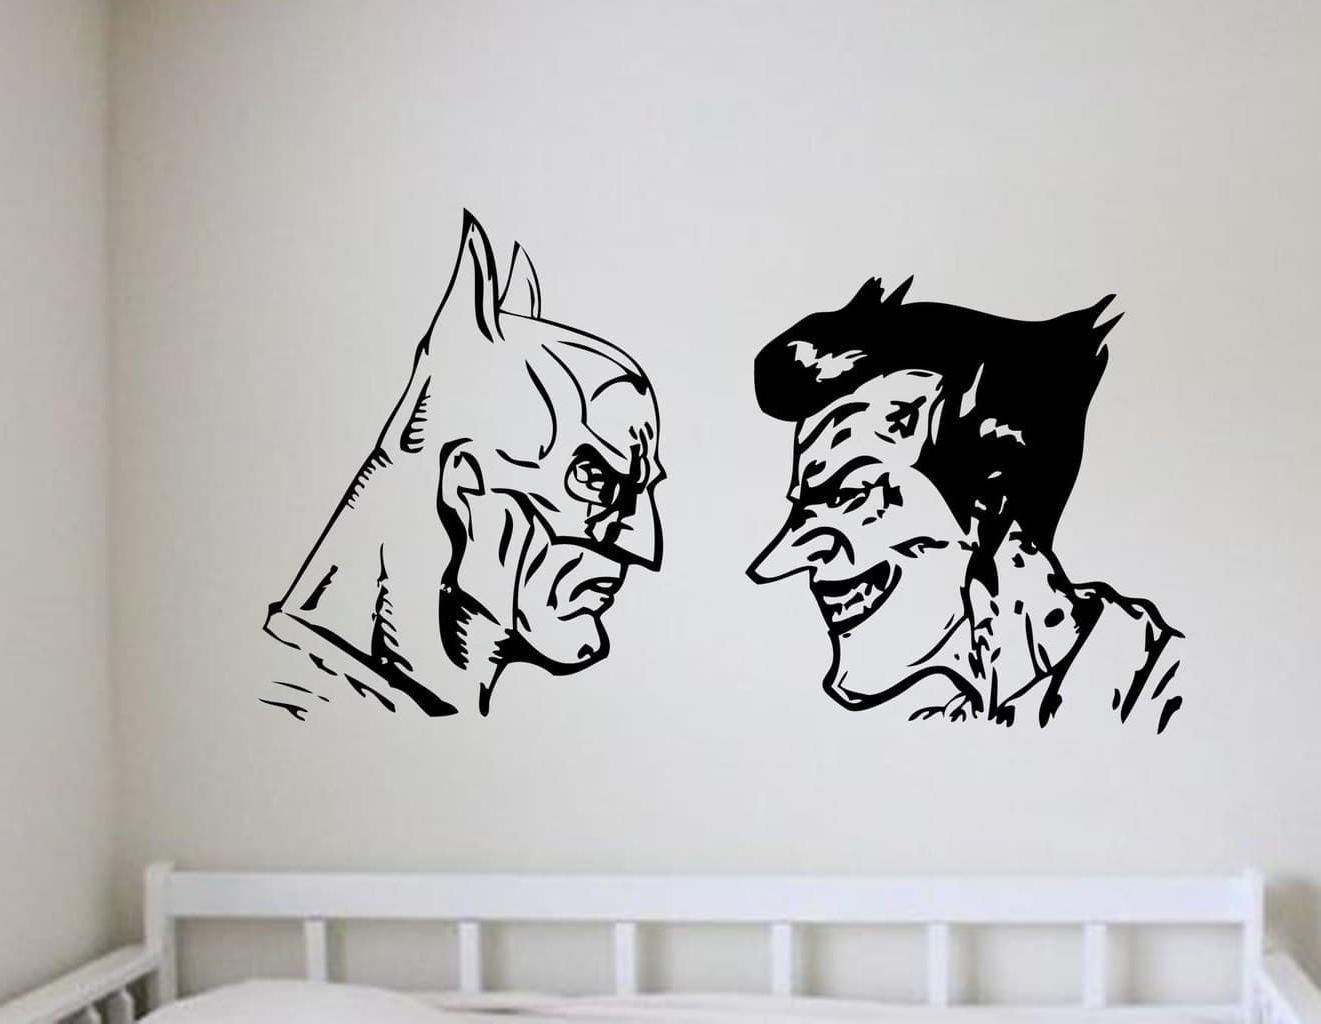 Most Current Joker Wall Art Pertaining To Batman And Joker Wall Art Decal (View 16 of 20)